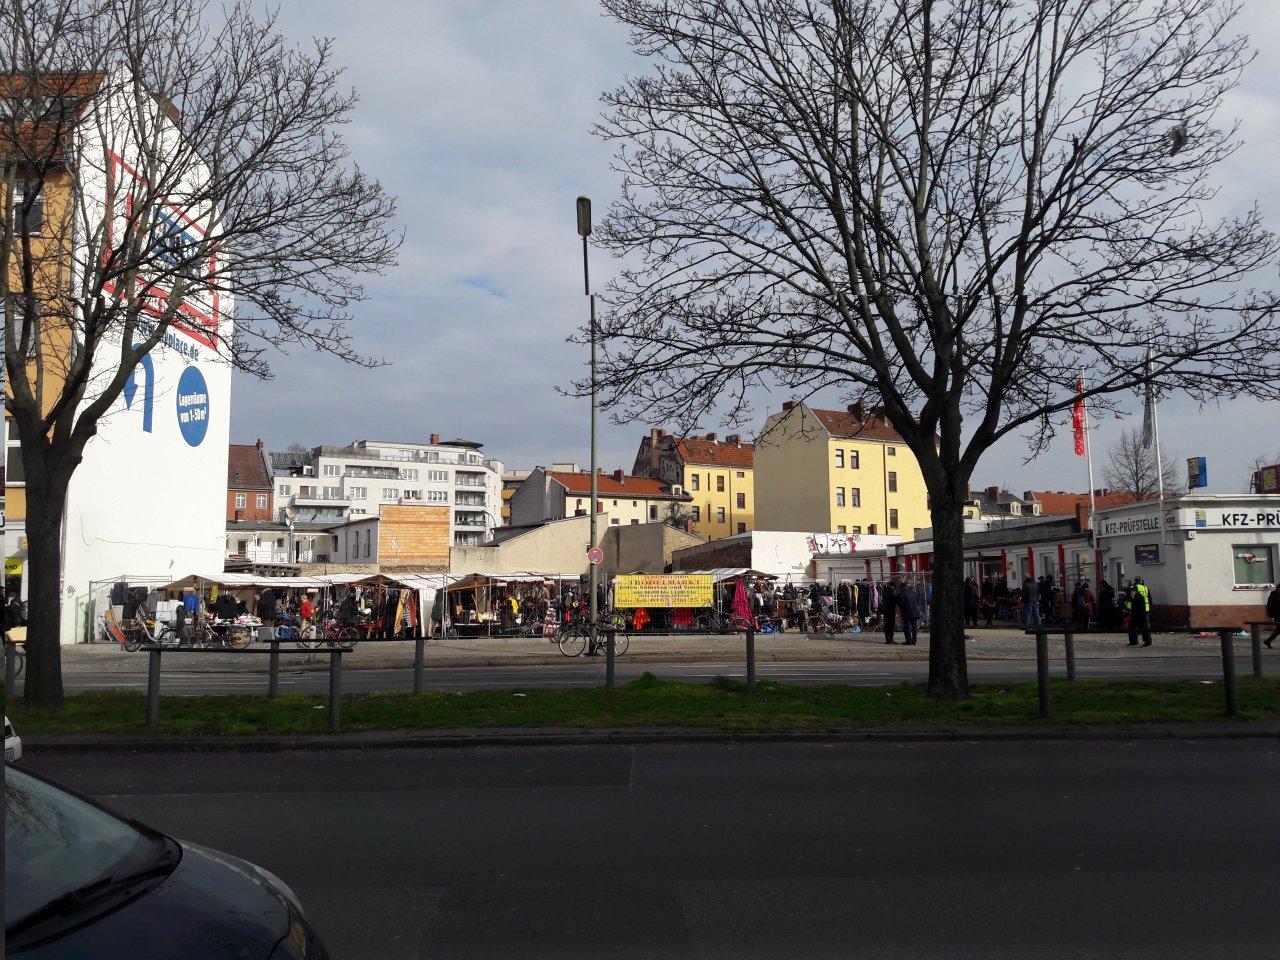 Trödelmarkt-Reinickendorf.jpg